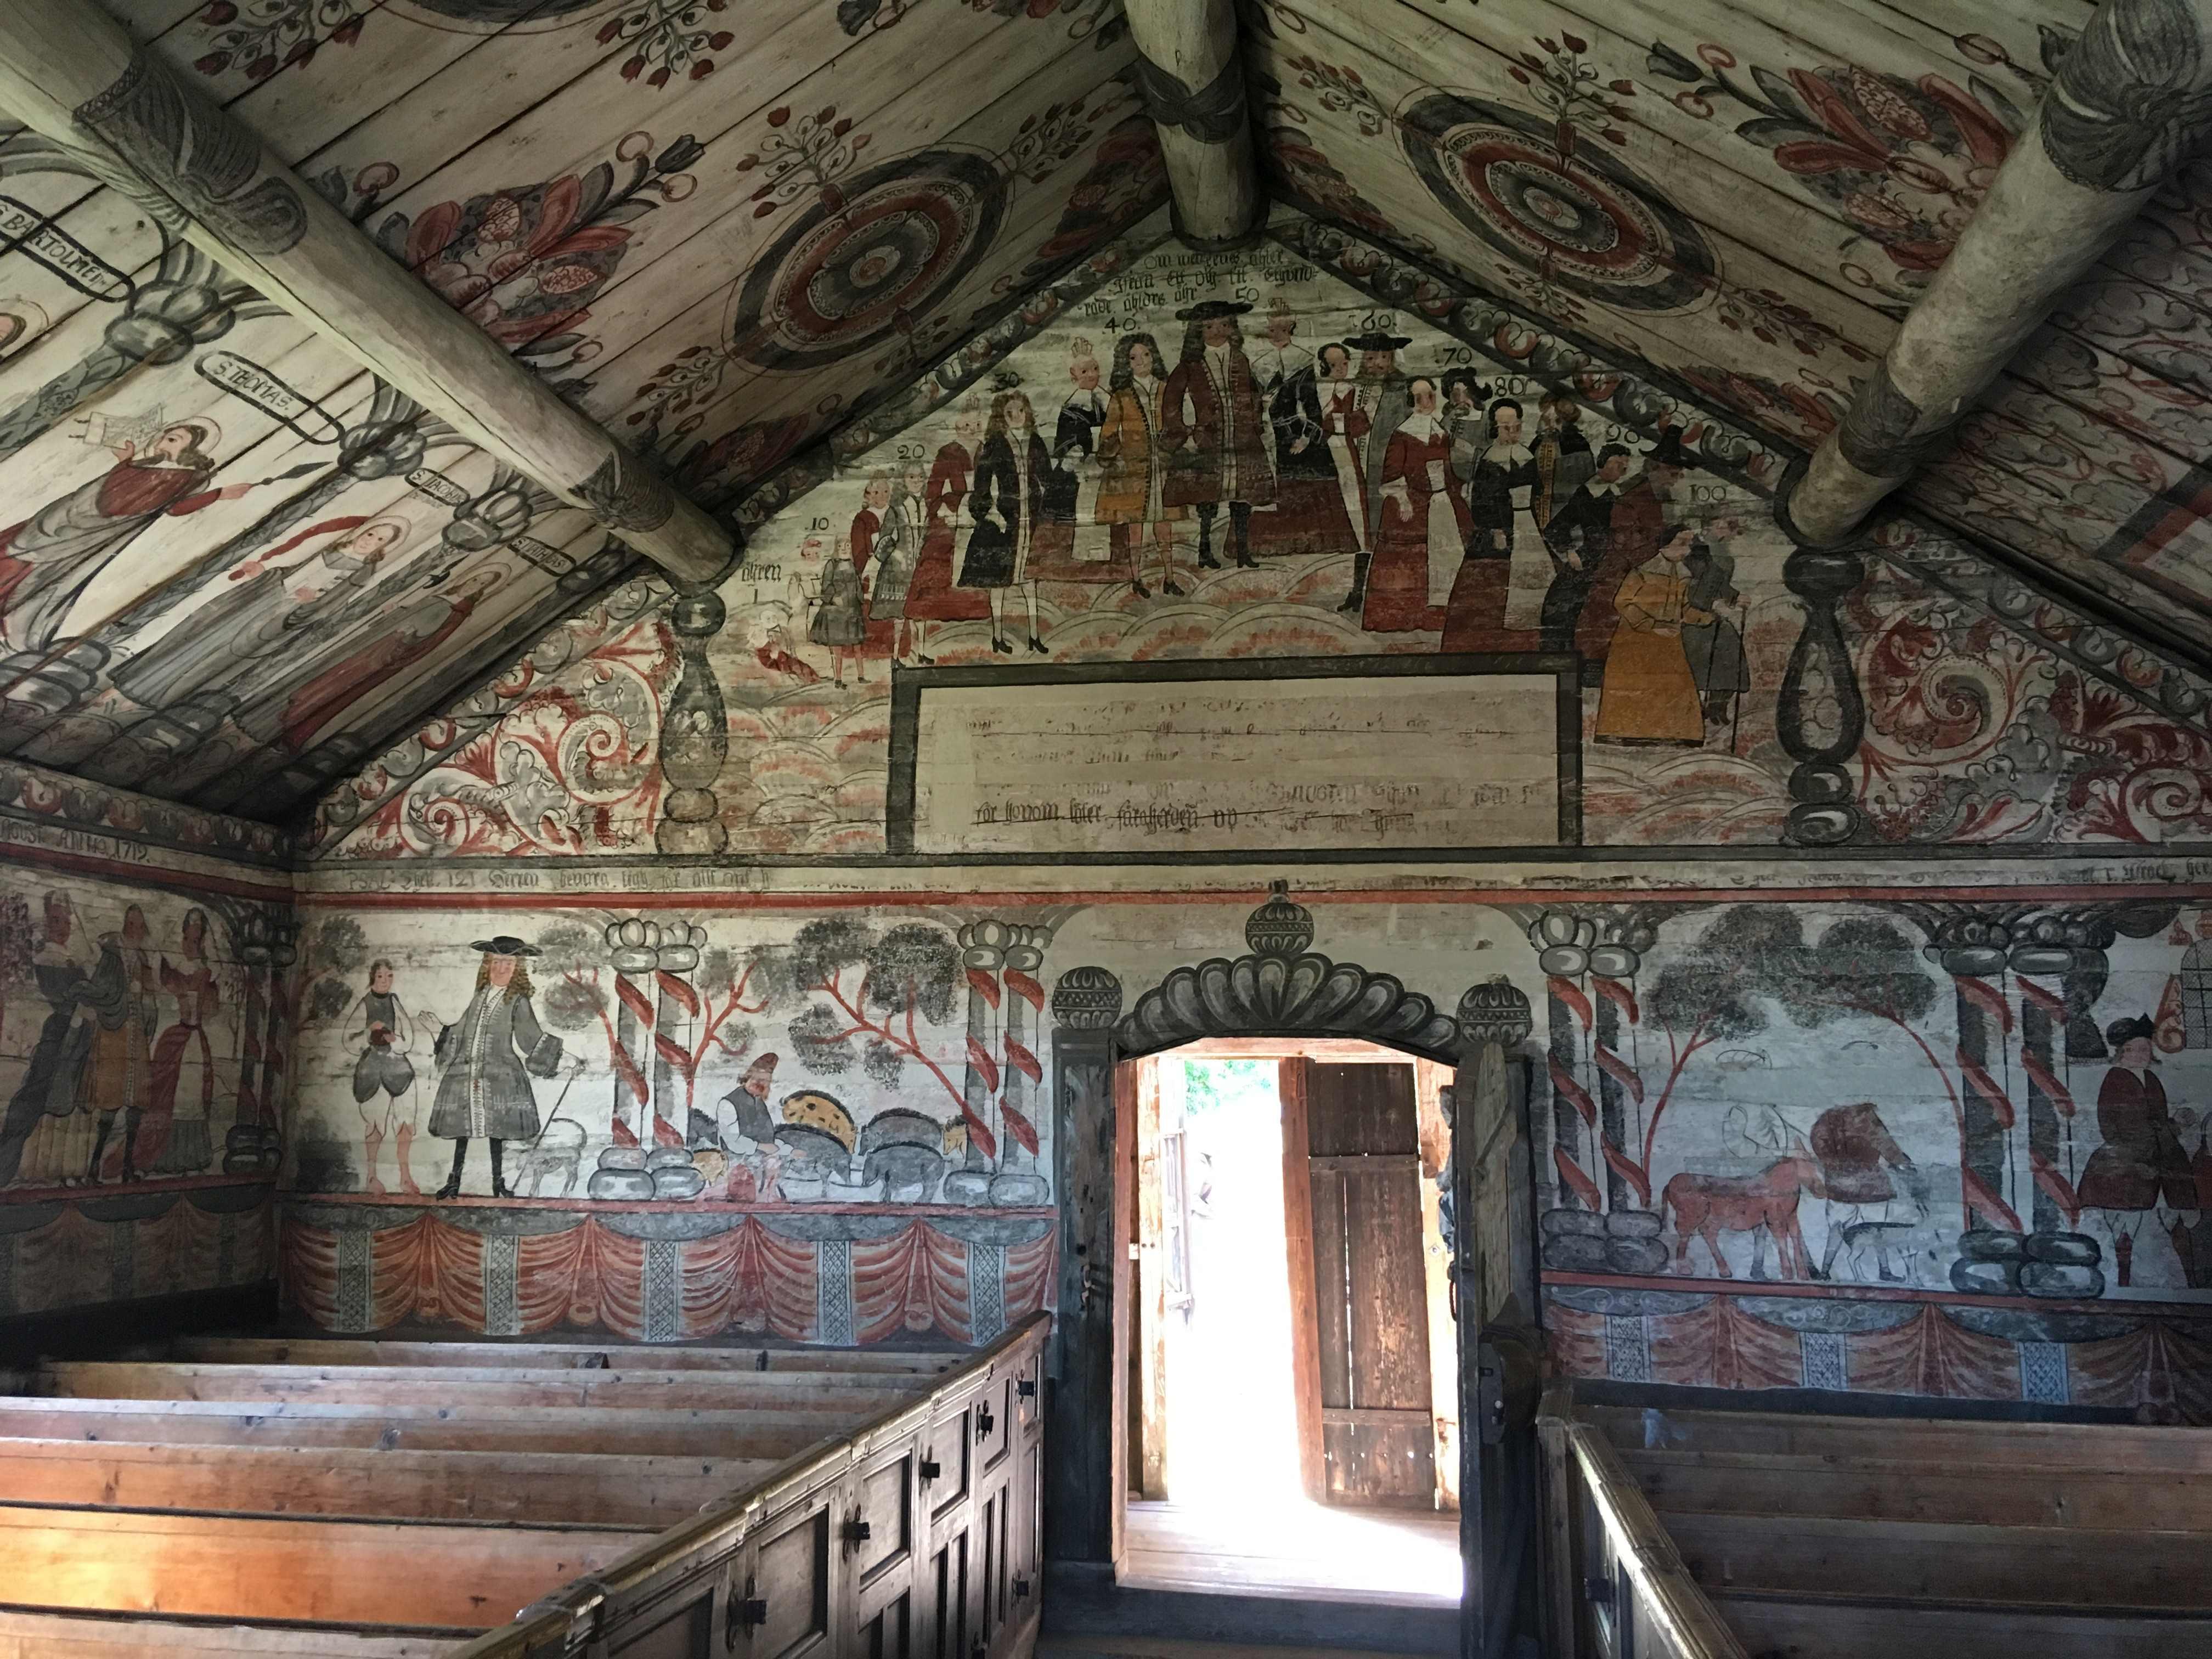 Bemålade väggar inuti en byggnad